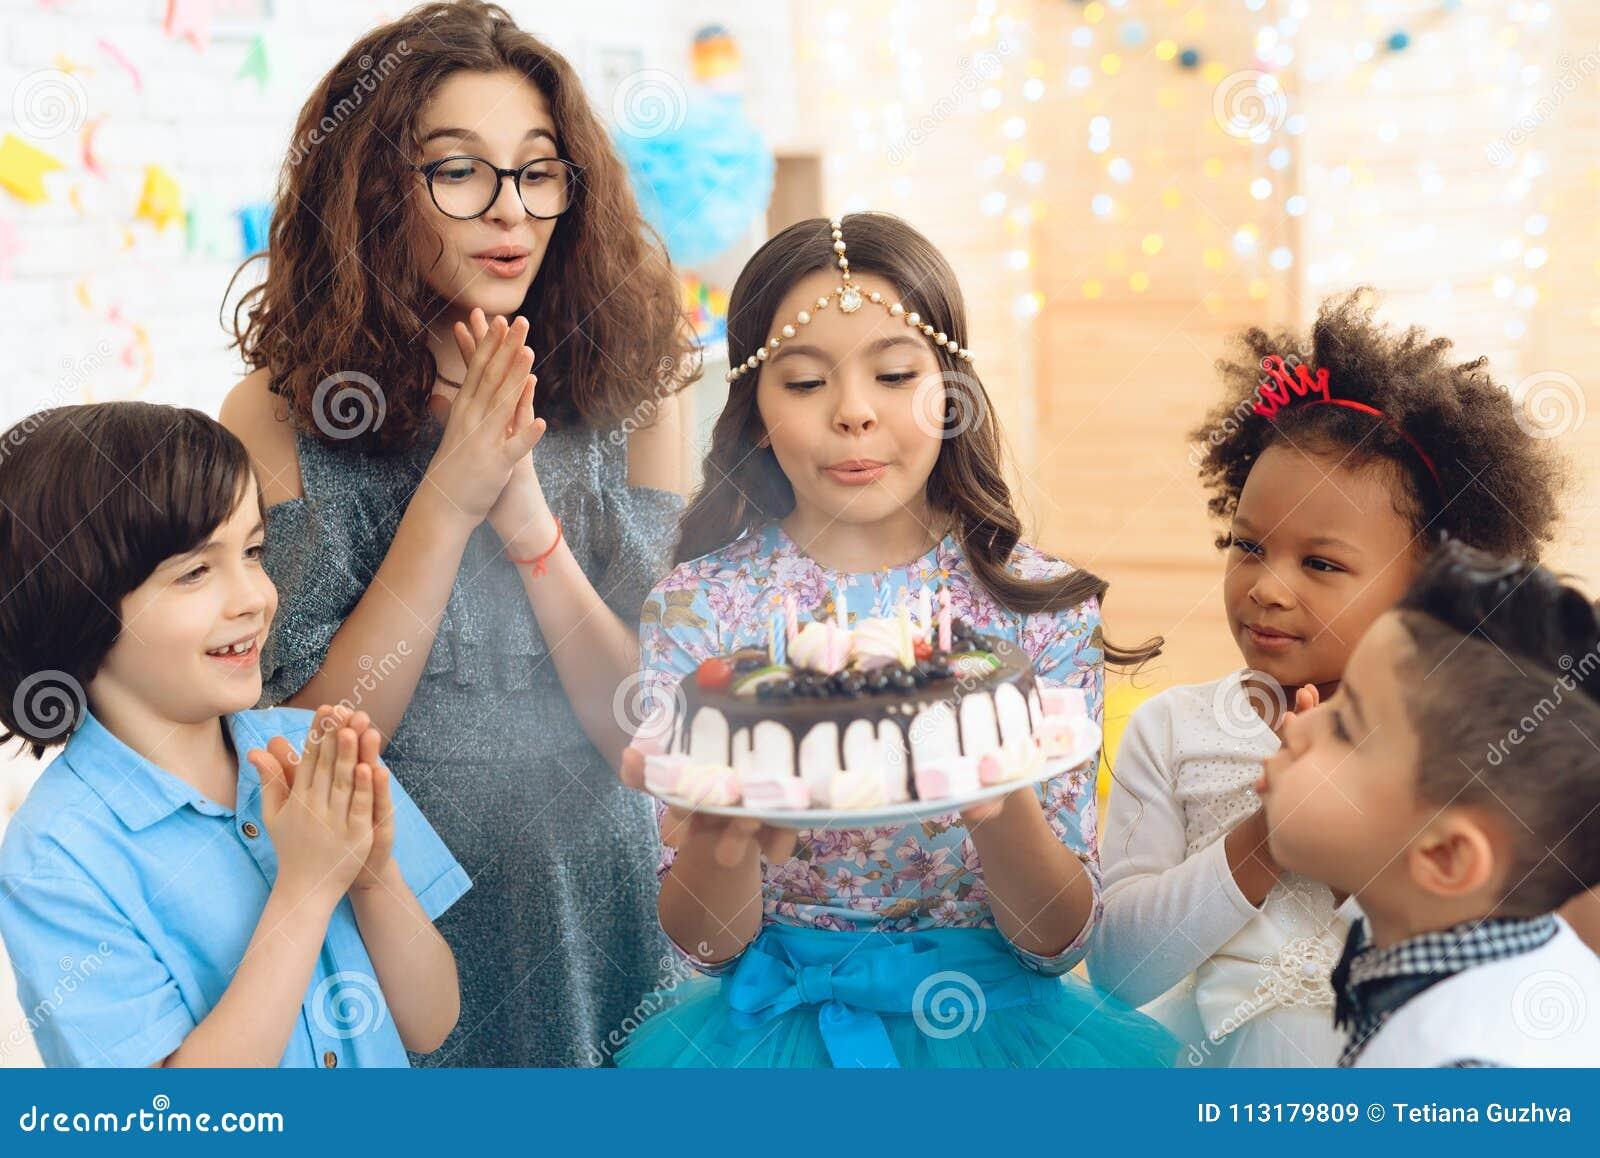 Het mooie meisje met hoofddeksel op hoofd blaast uit kaarsen op verjaardagscake Gelukkige verjaardagspartij